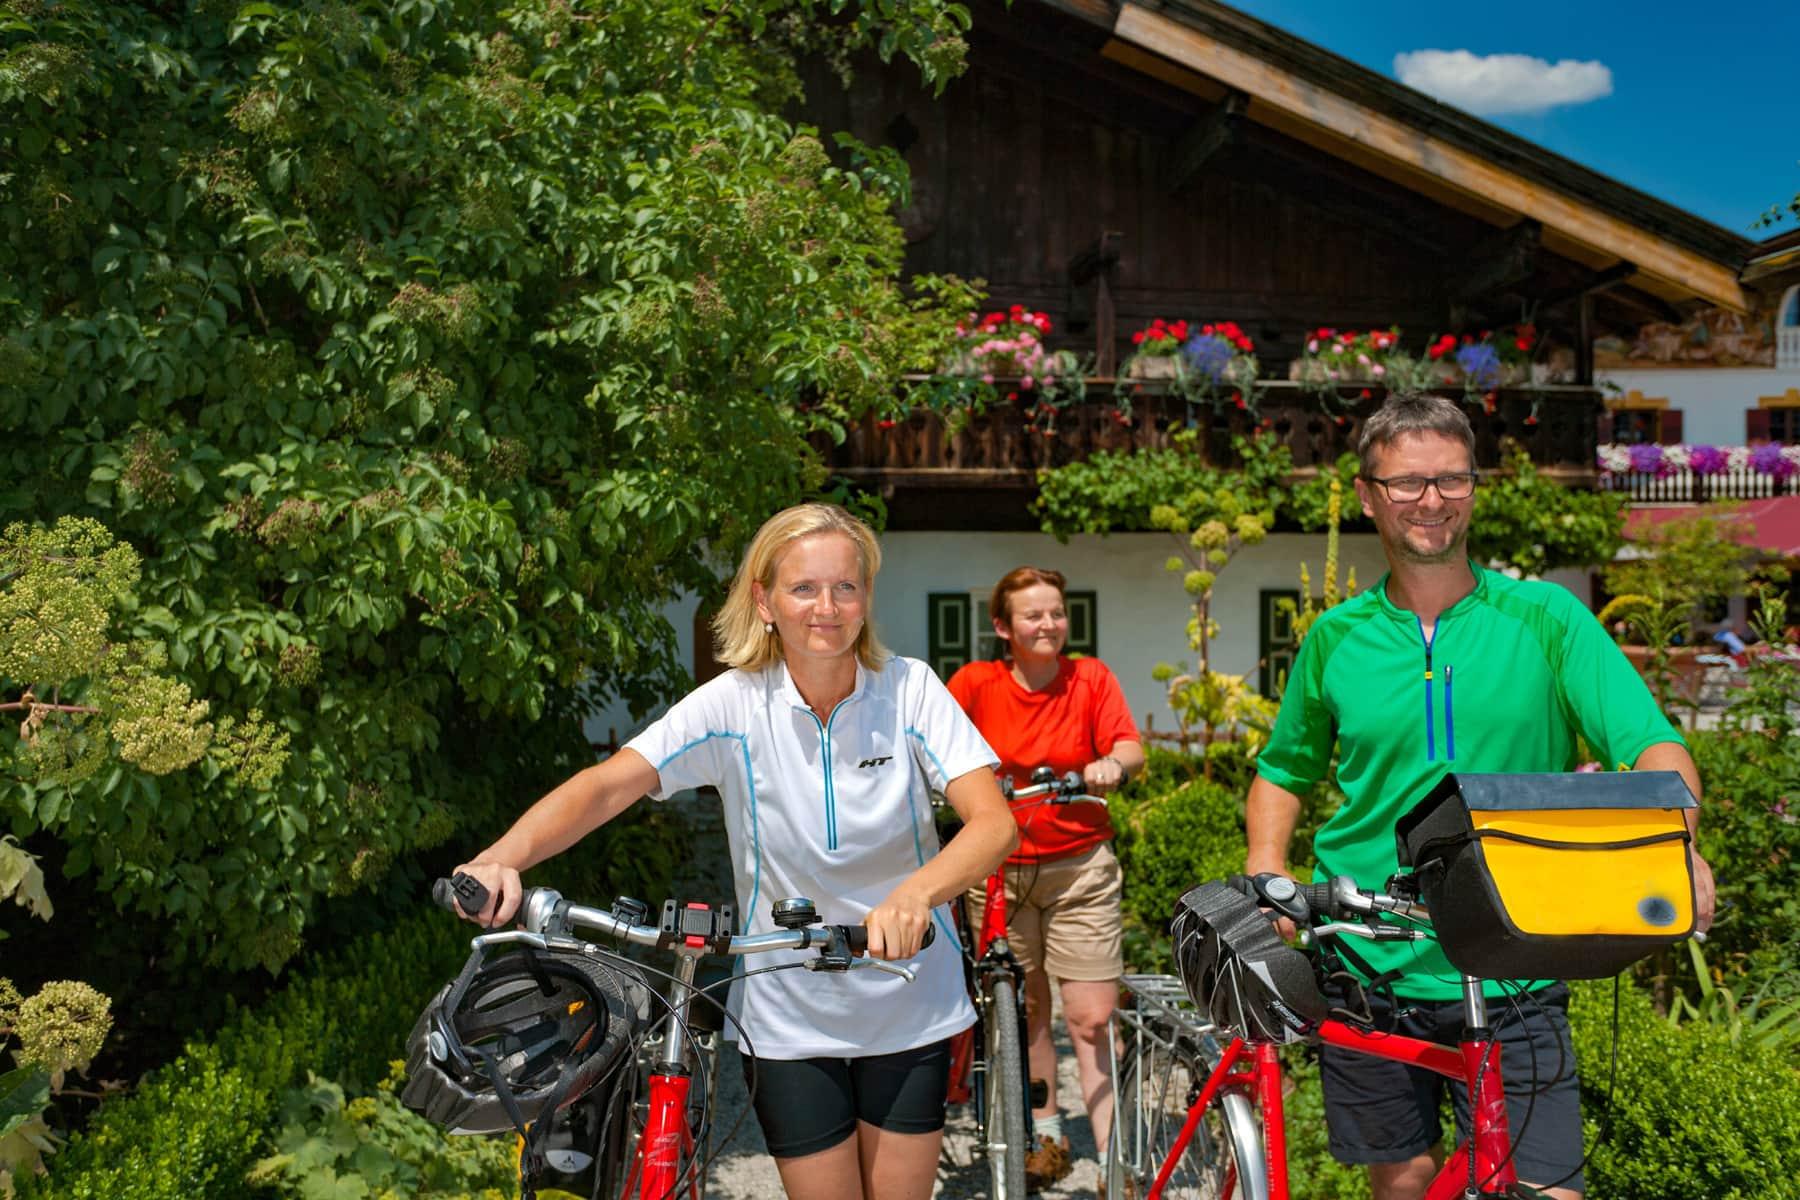 Radtour von München zum Gardasee Alpenüberquerung